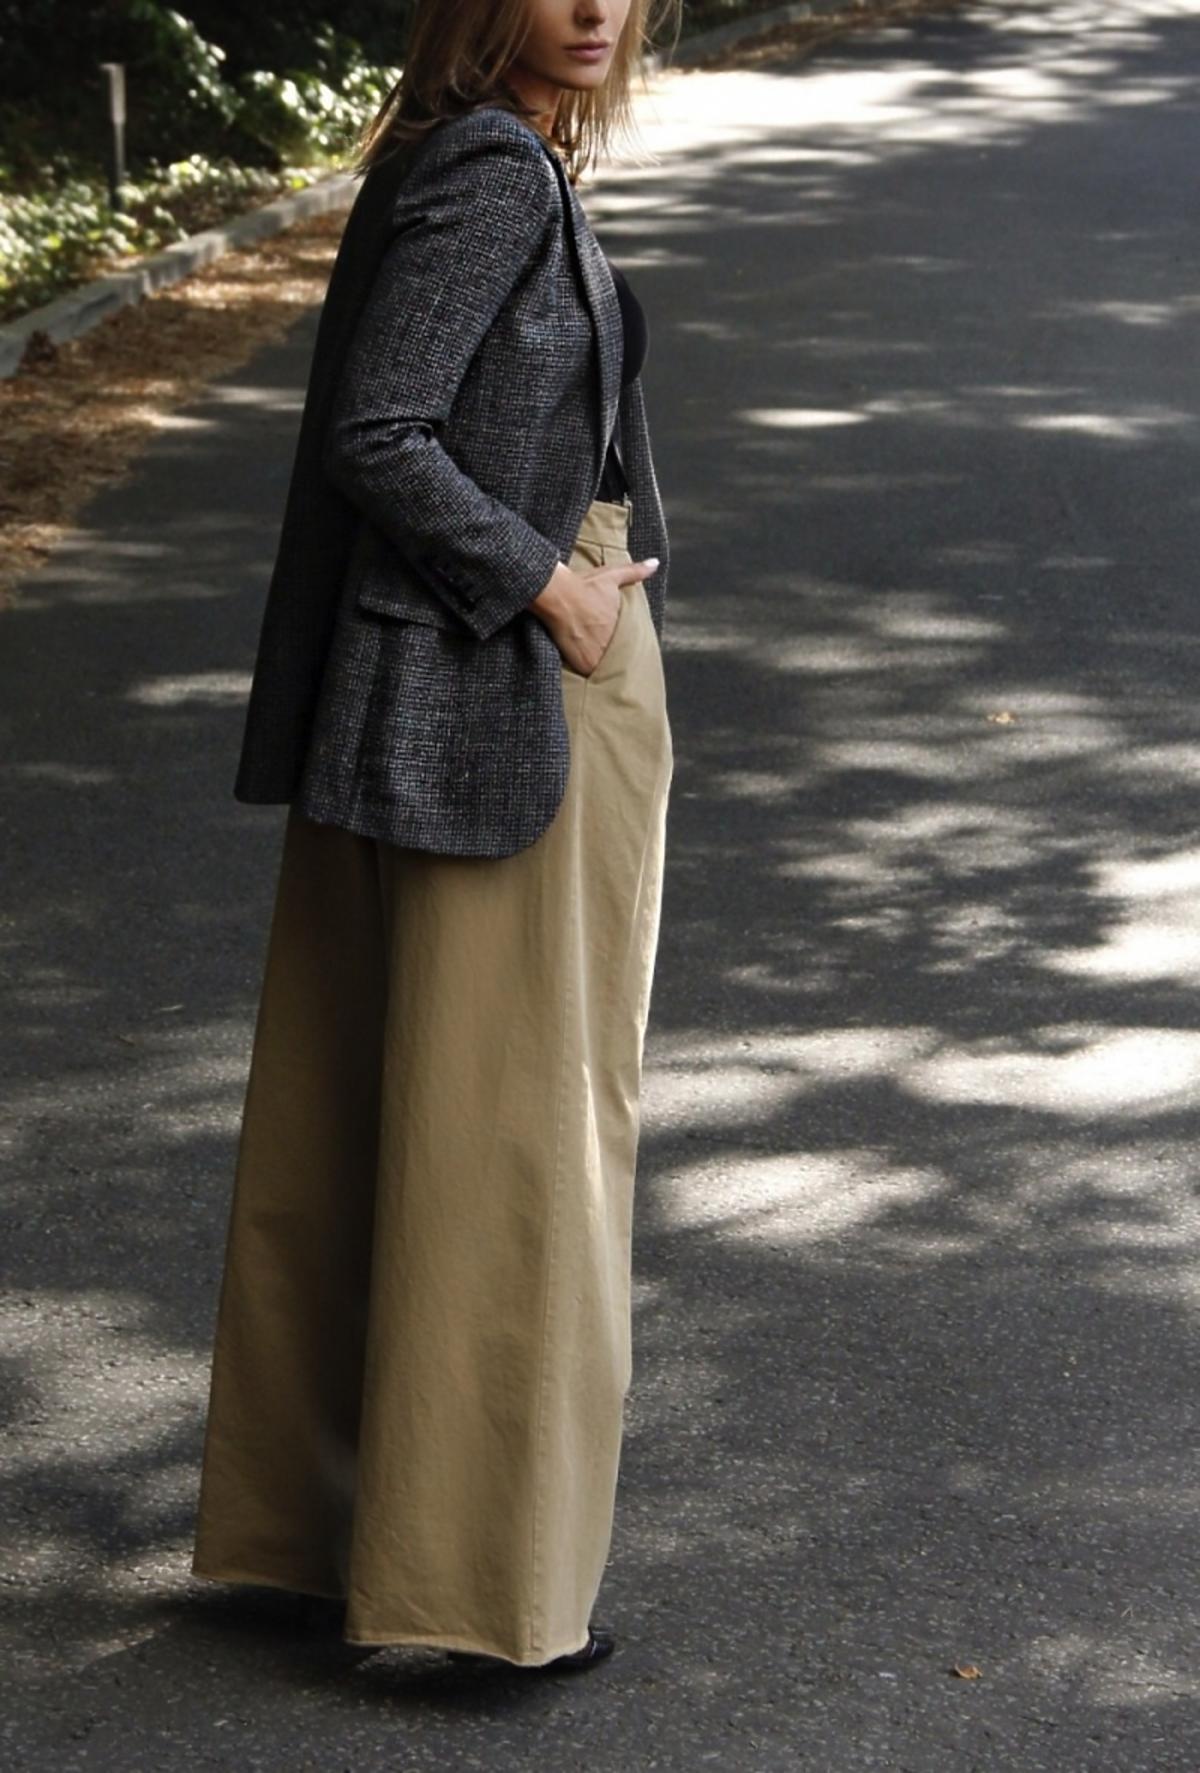 Stylizacja Sary Boruc w szarej marynarce i szerokich spodniach